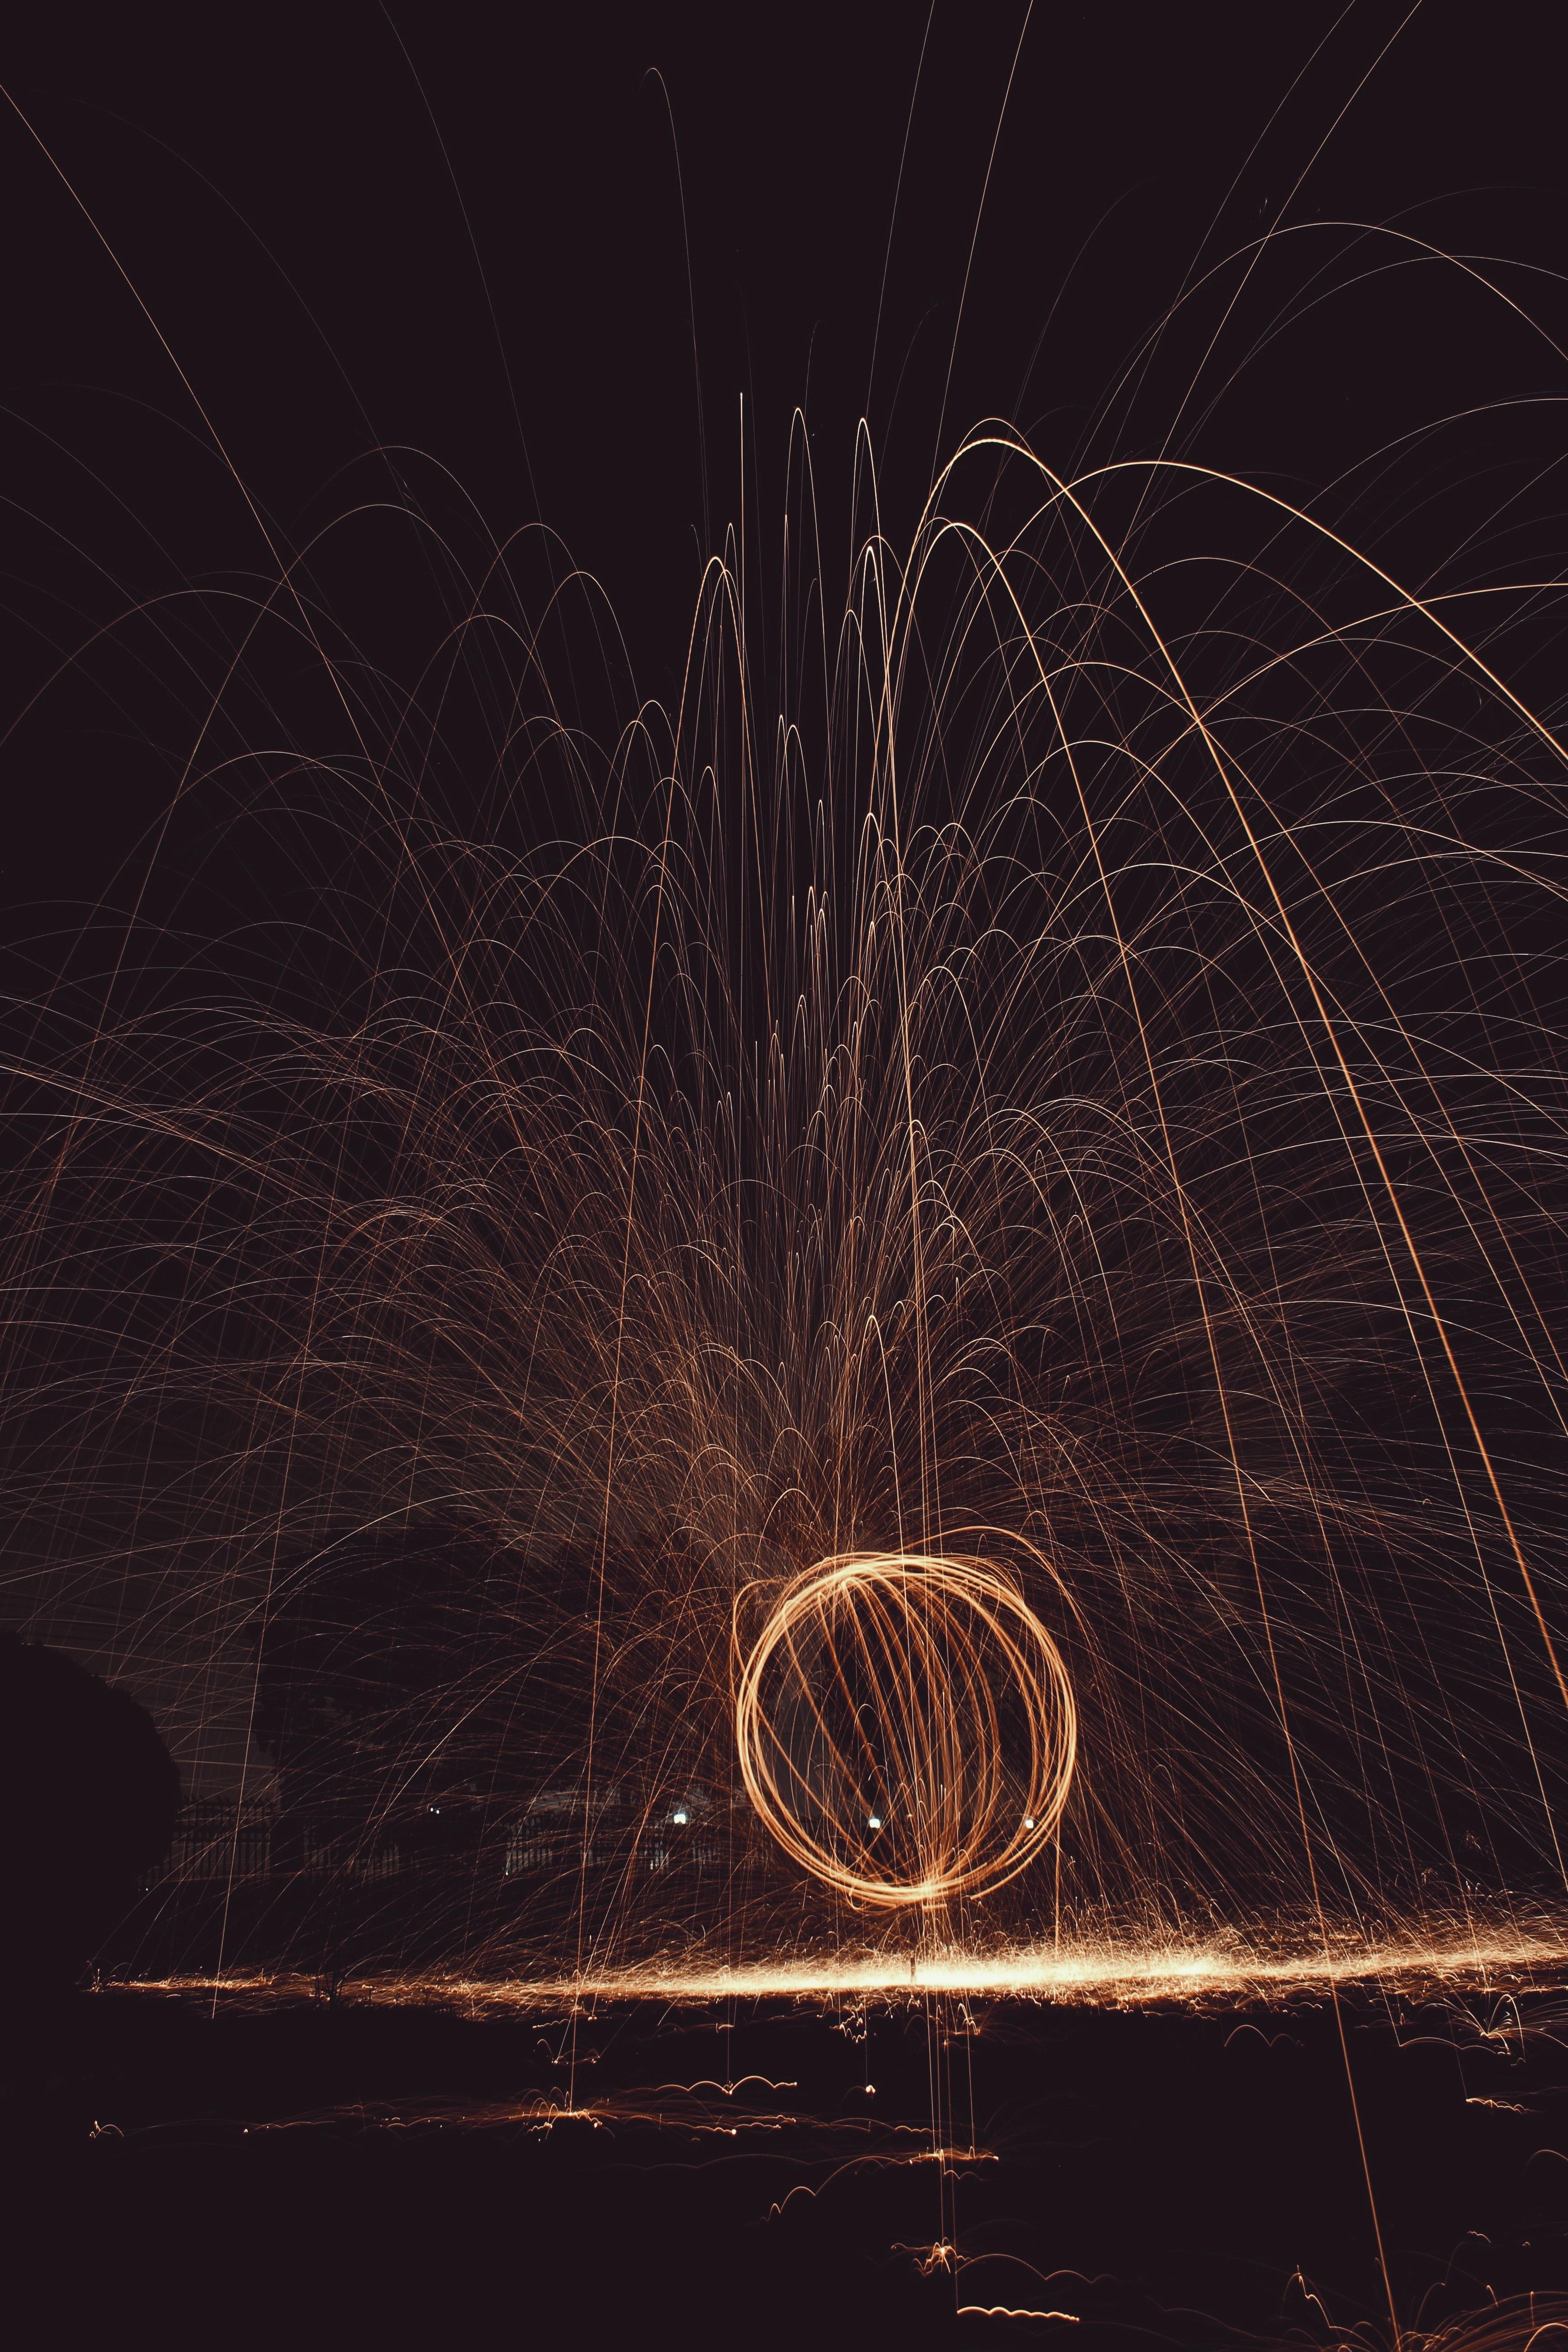 93690 fondo de pantalla 1920x1080 en tu teléfono gratis, descarga imágenes Abstracción, Un Circulo, Circunferencia, Brillar, Luz, Chispas, Freezelight, Reflector, Exposición Prolongada, Larga Exposición 1920x1080 en tu móvil